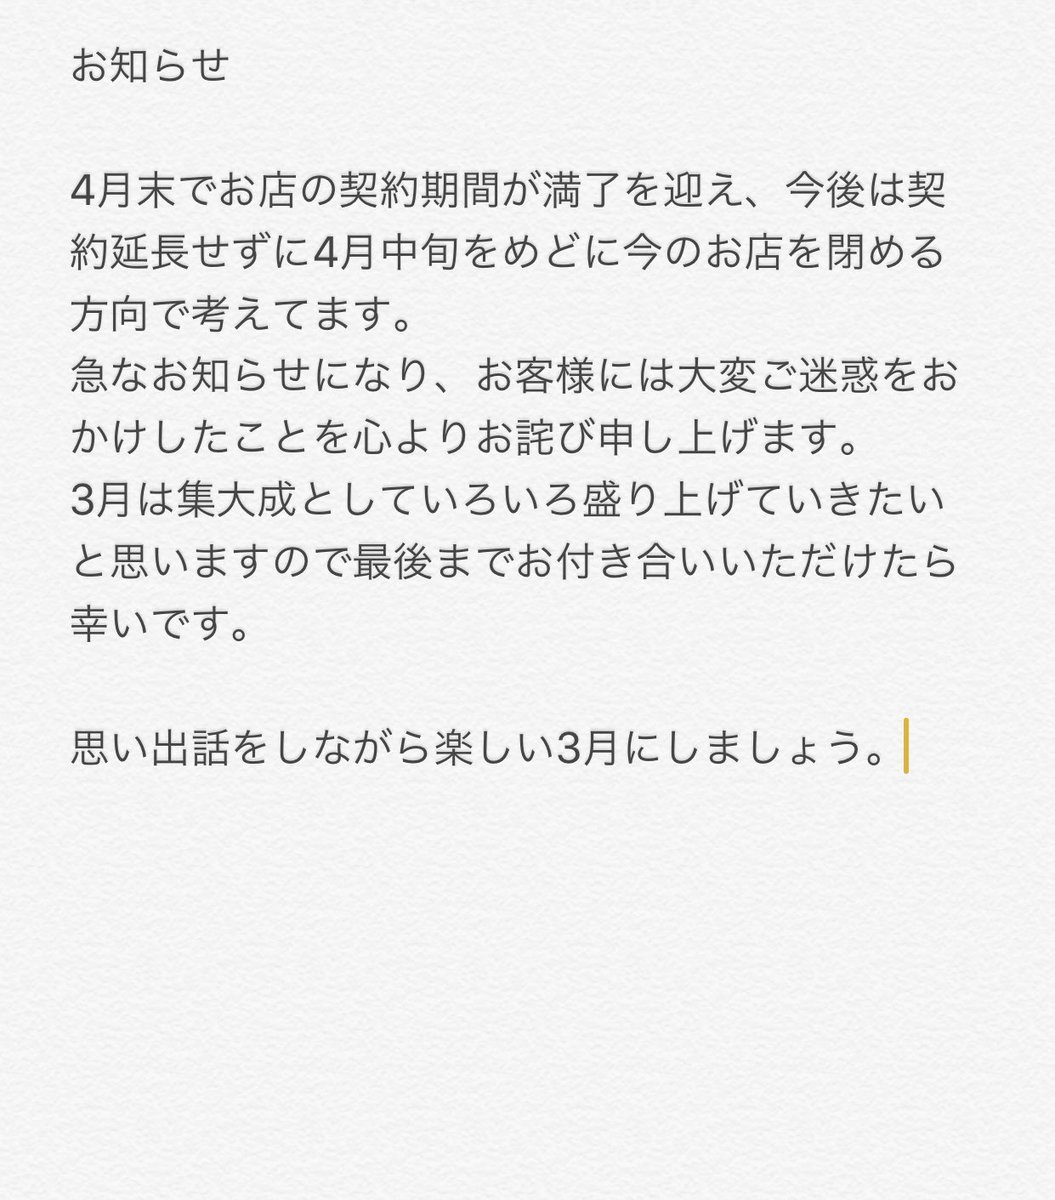 【大悲報】元NMB島田玲奈のsaq cafeがついに潰れるwwwwwwww